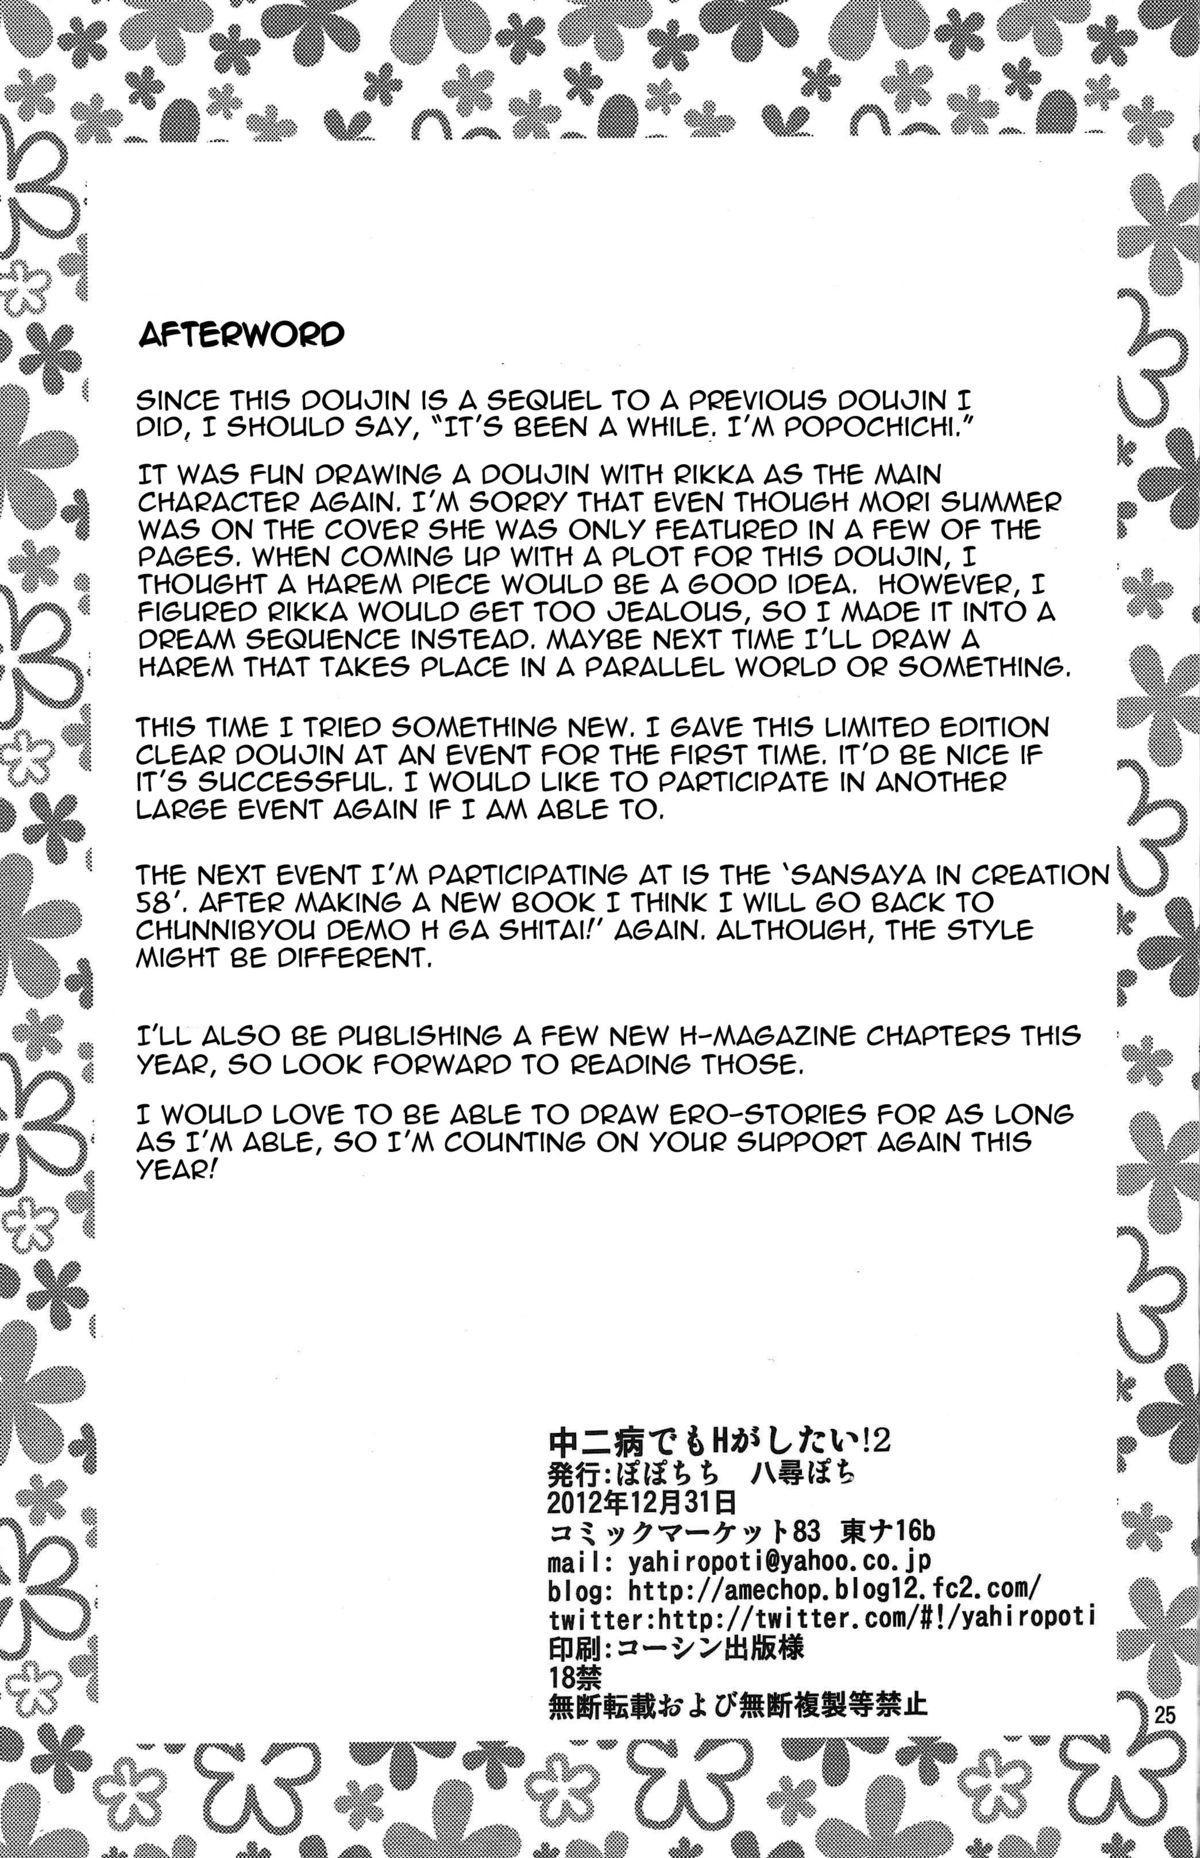 Chuunibyou Demo H ga Shitai! 2 23